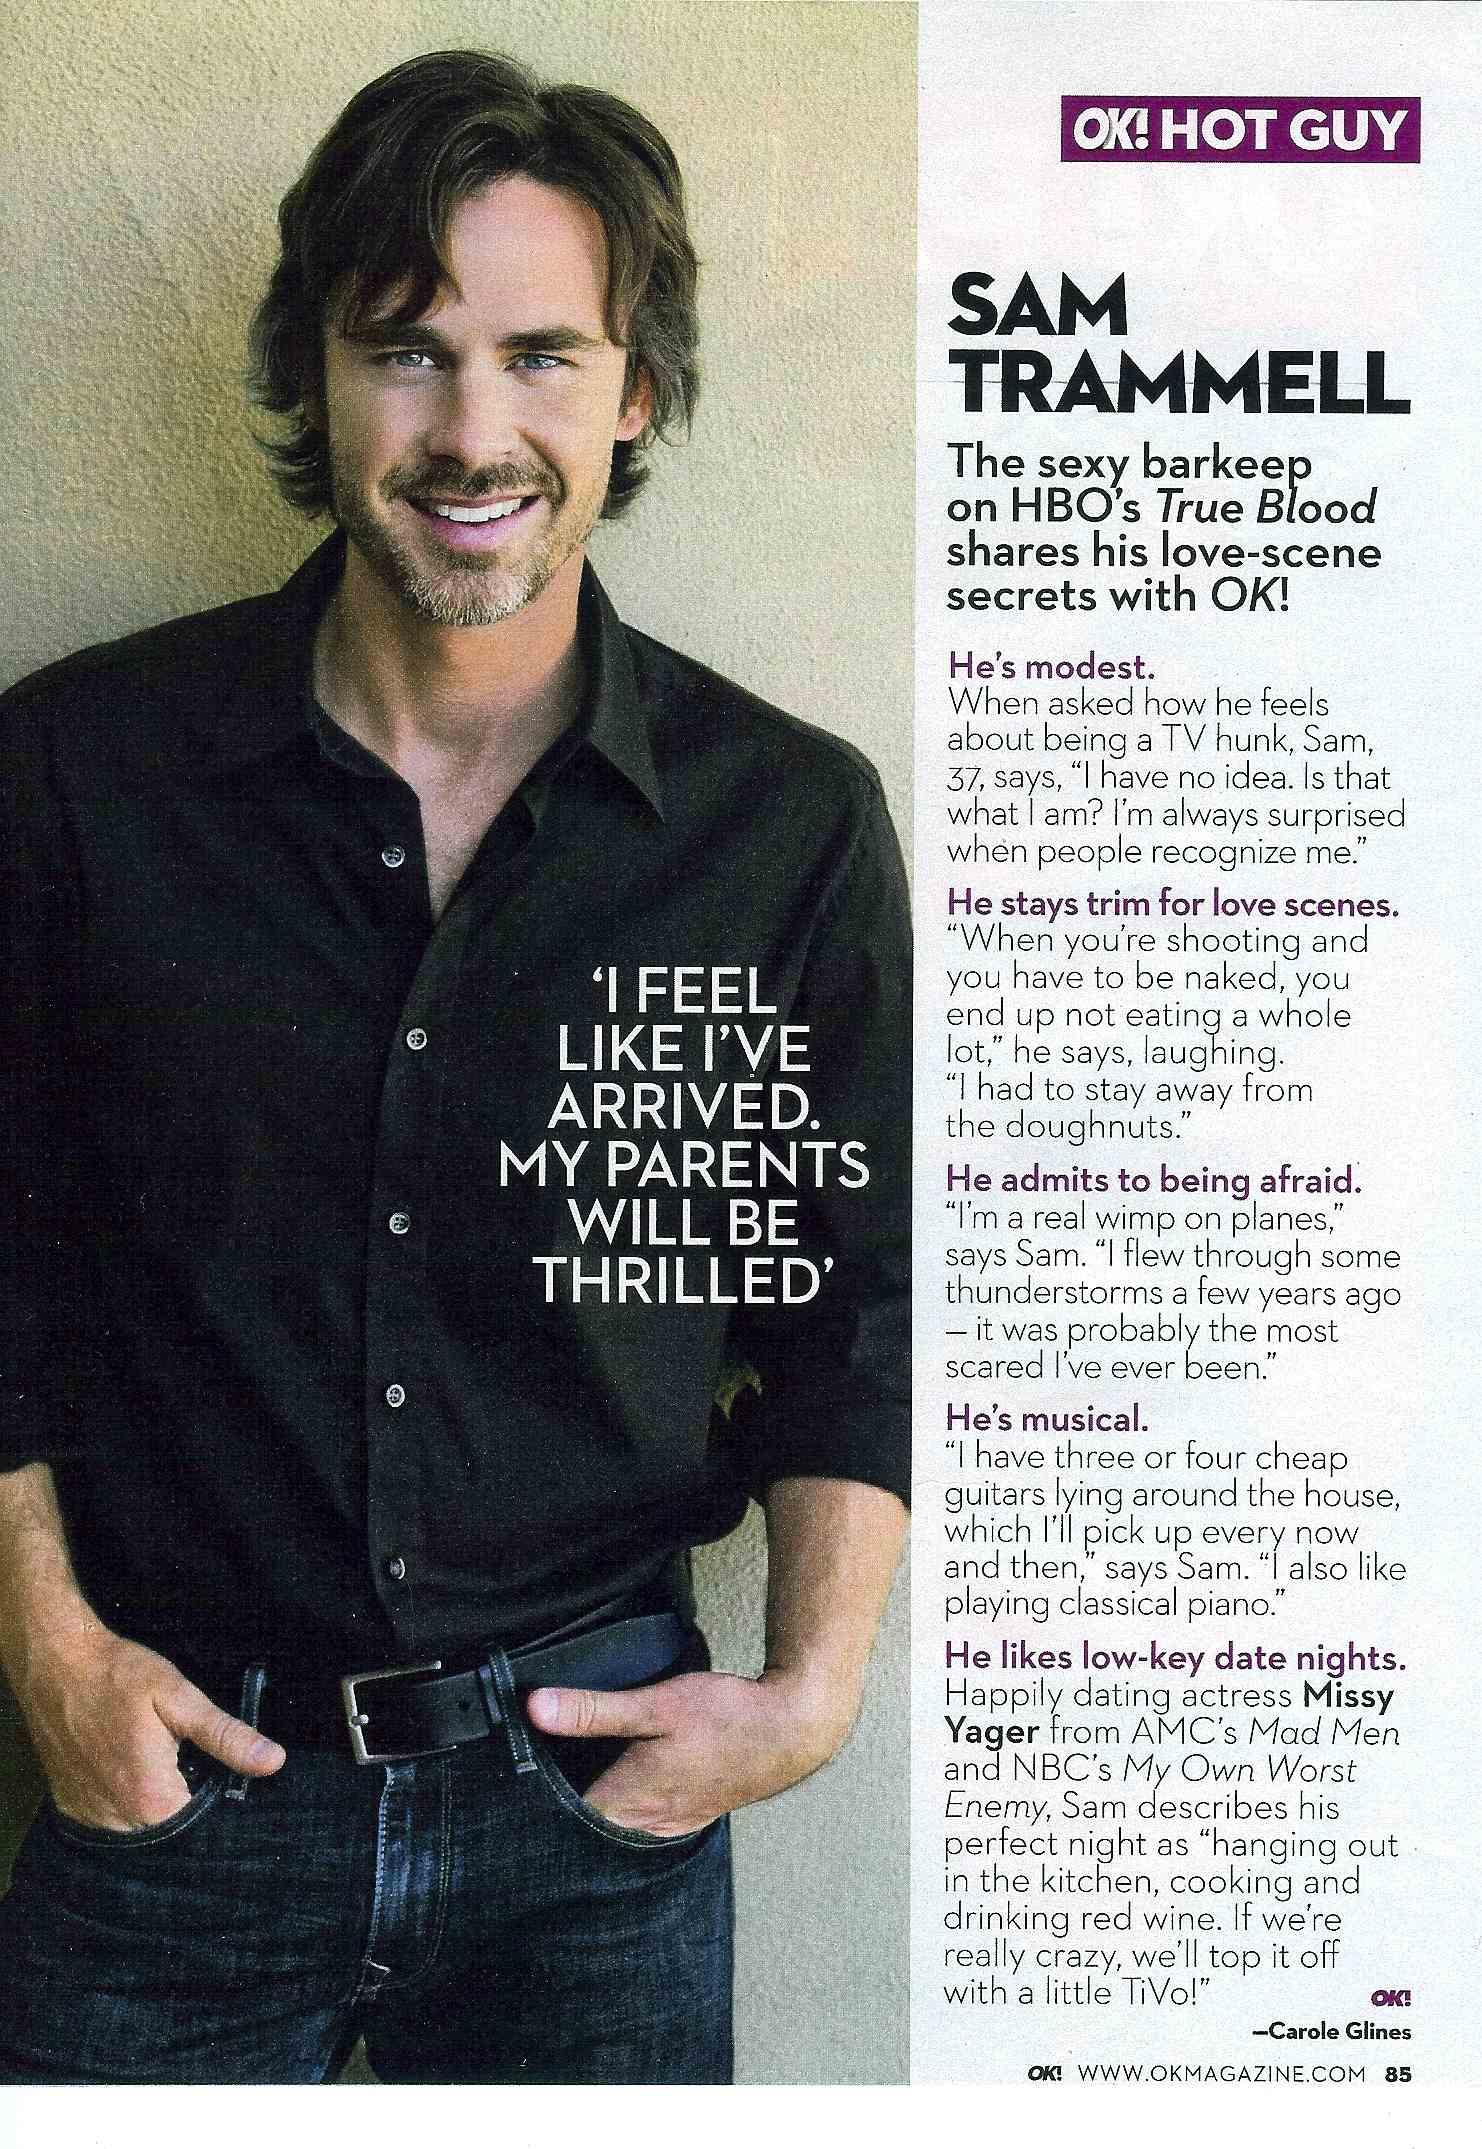 sam trammell is ok hot guy truebloodonlinecom